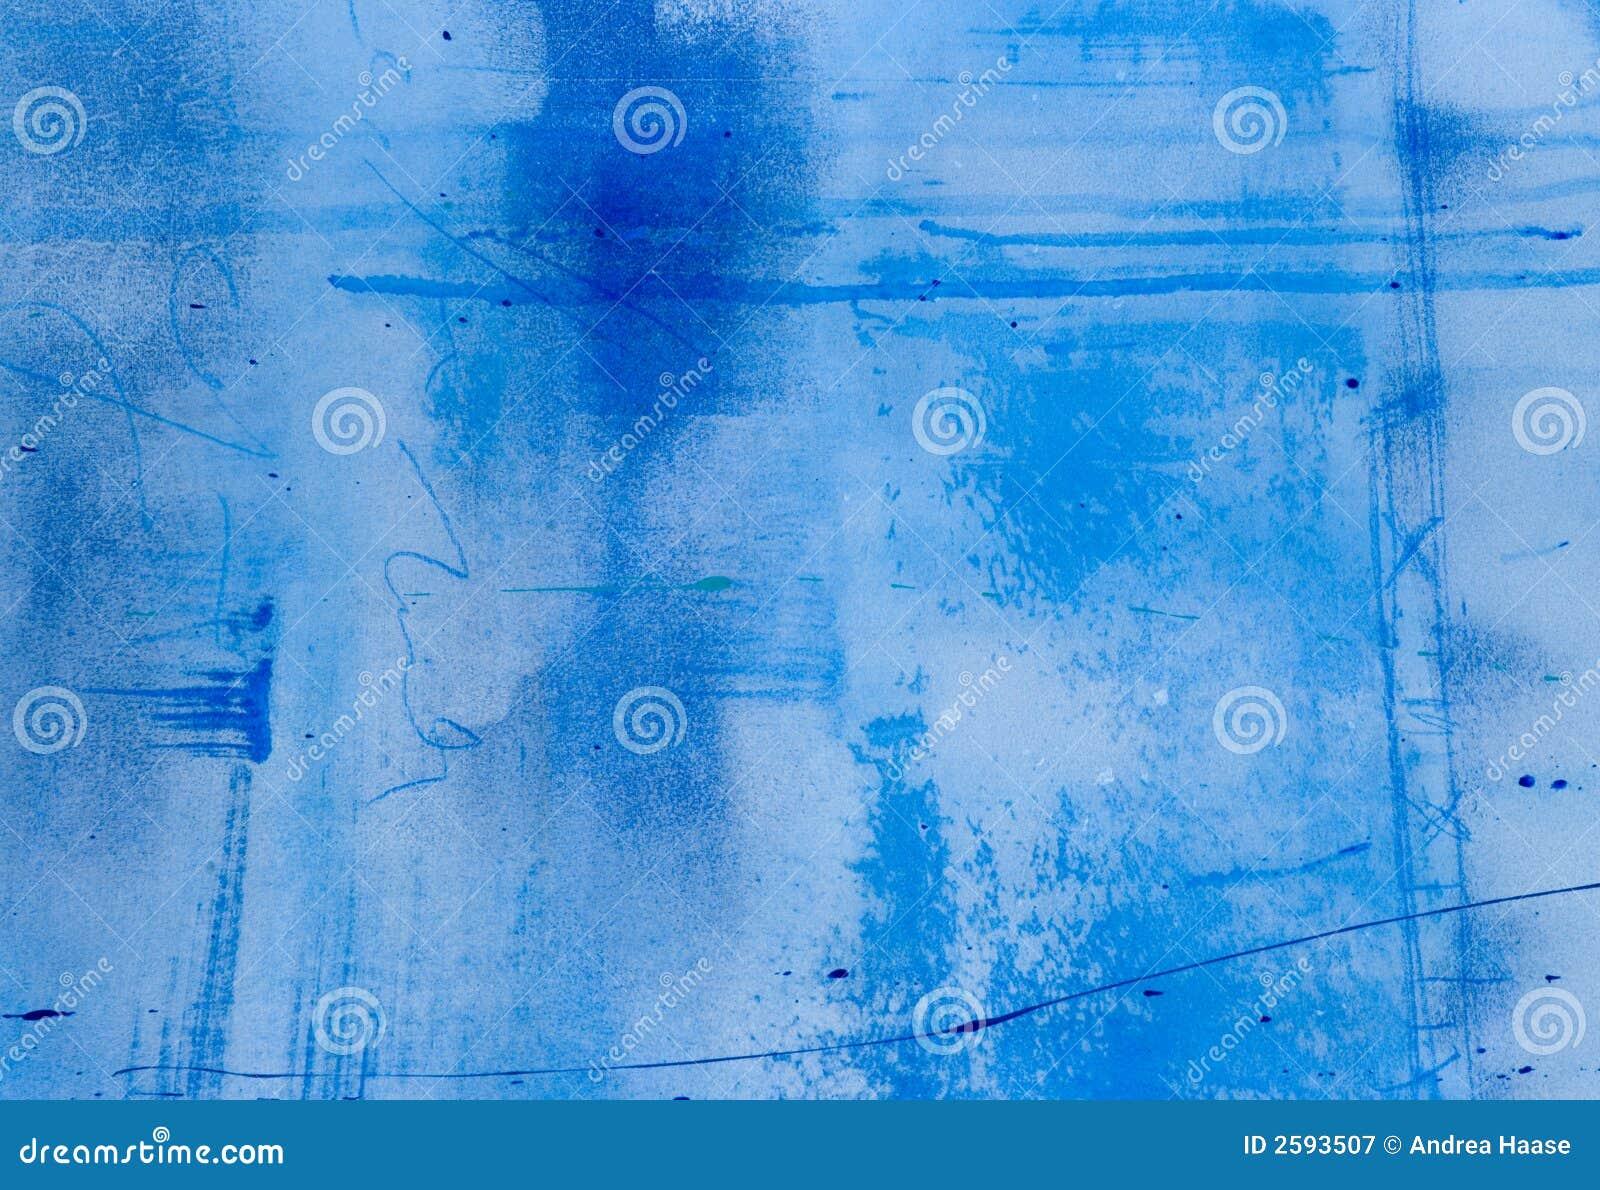 Geschilderde blauwe achtergrond